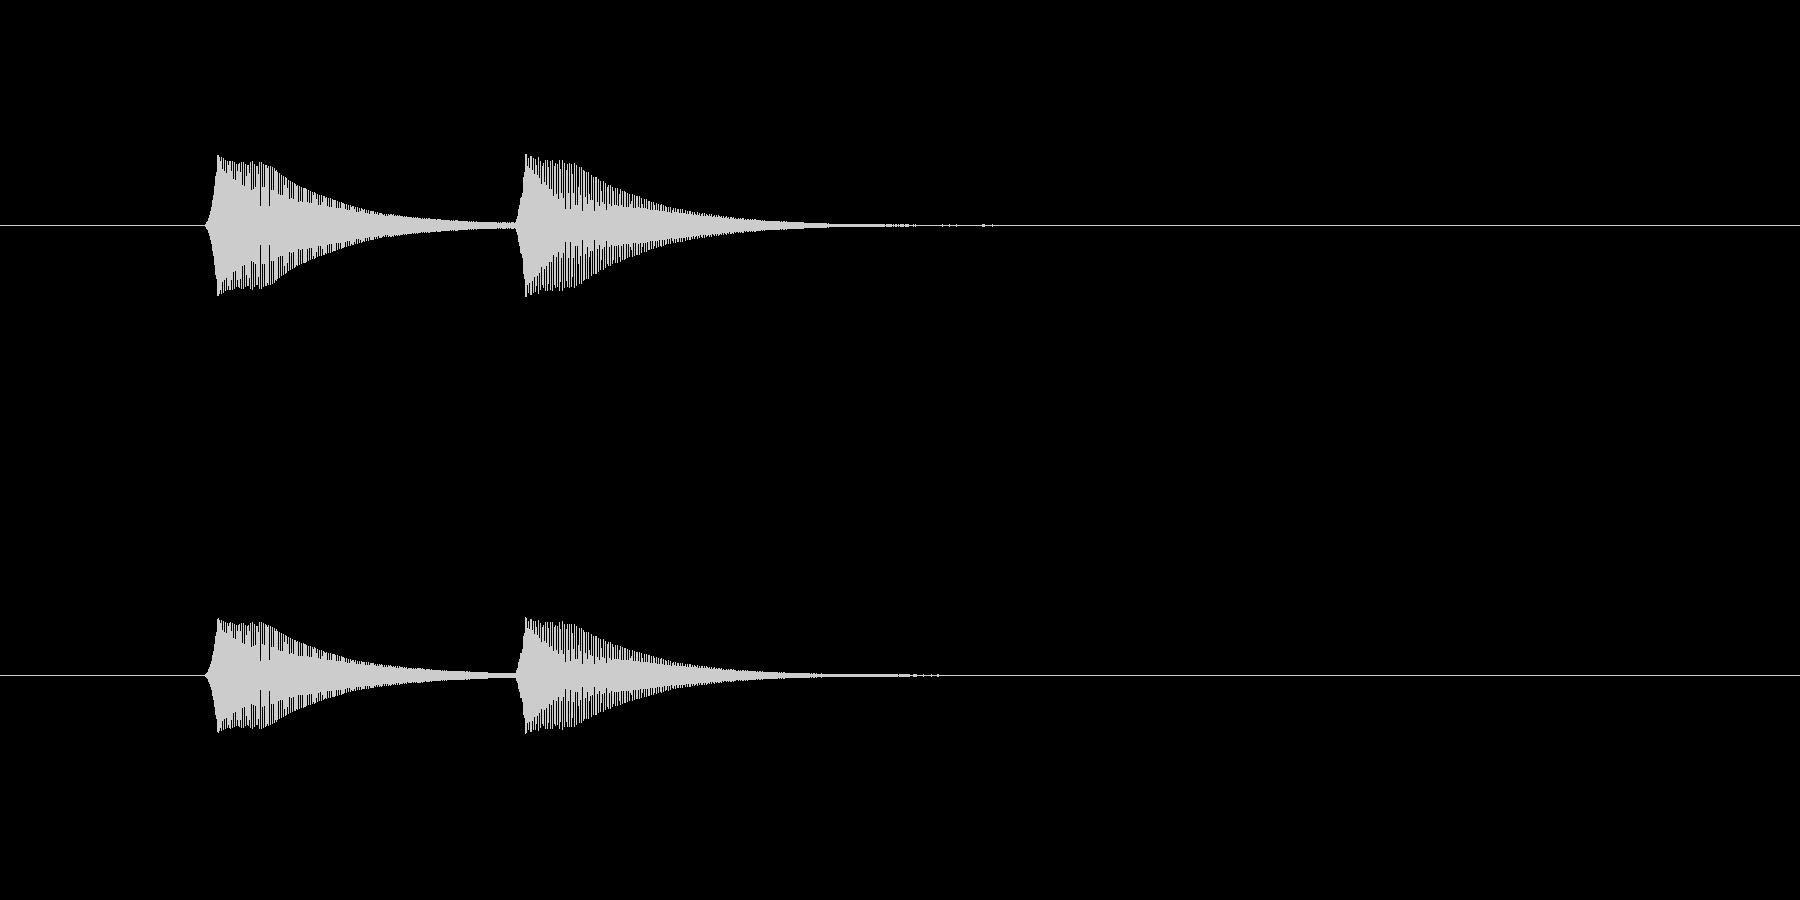 ホワンホワン(アナログシンセ)の未再生の波形